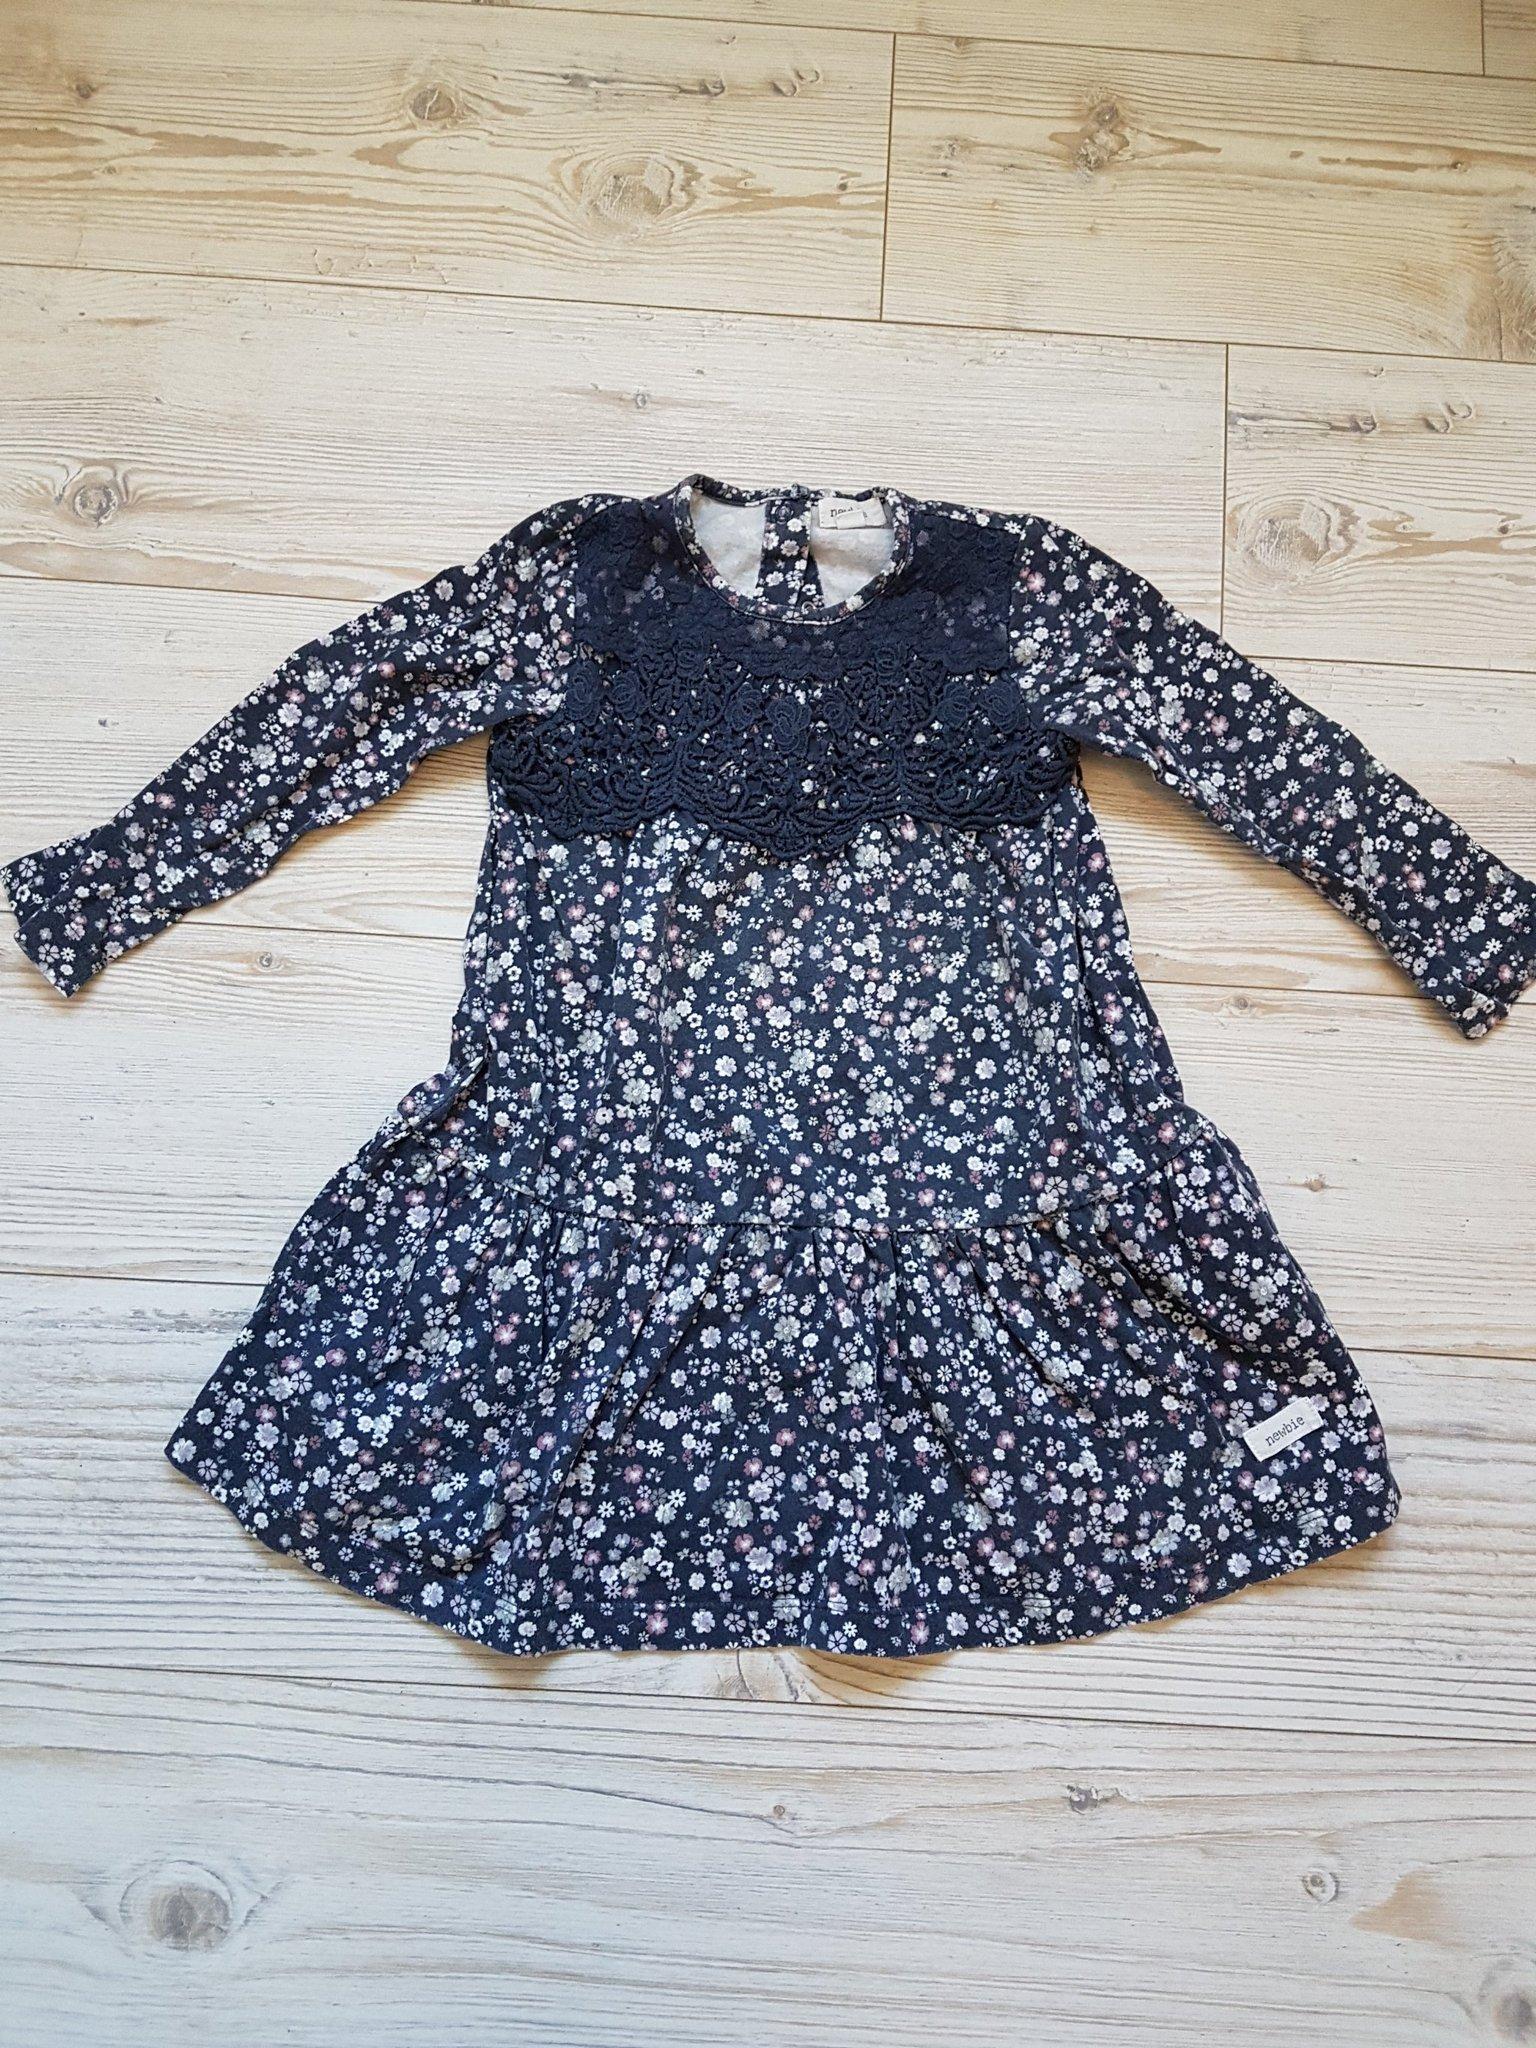 31f5b2ae4191 Söt klänning tunika med blommor och spets. Från Kappahl Newbie storlek 98